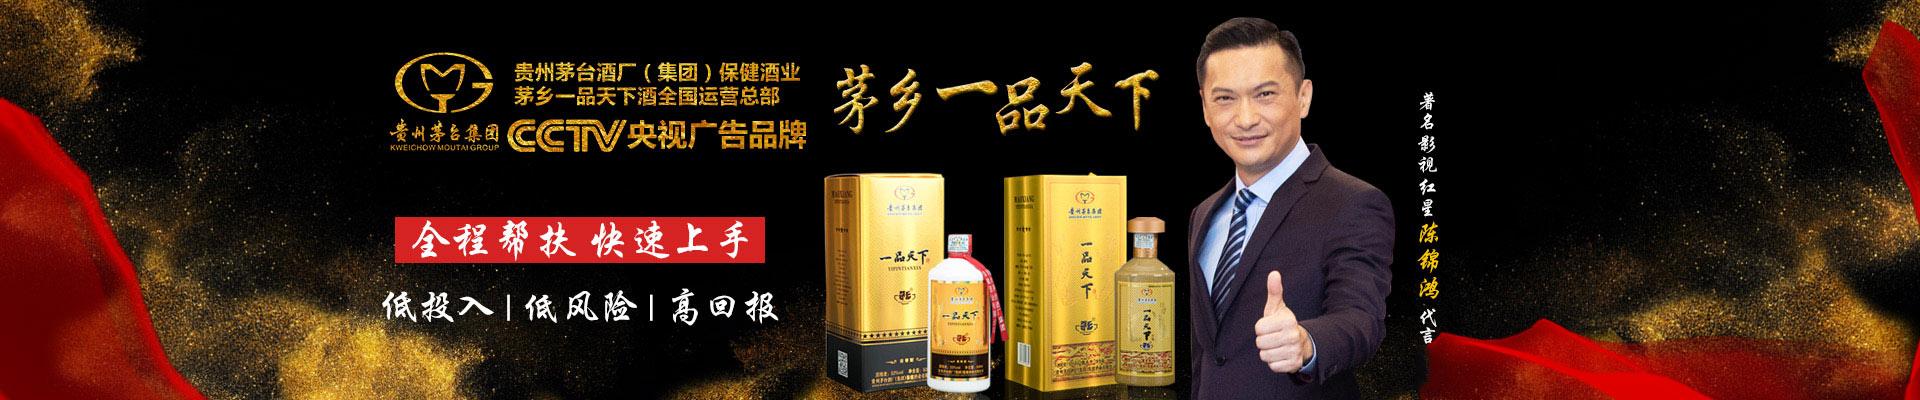 贵州茅台酒厂(集团)保健酒业茅乡一品天下酒全国运营总部